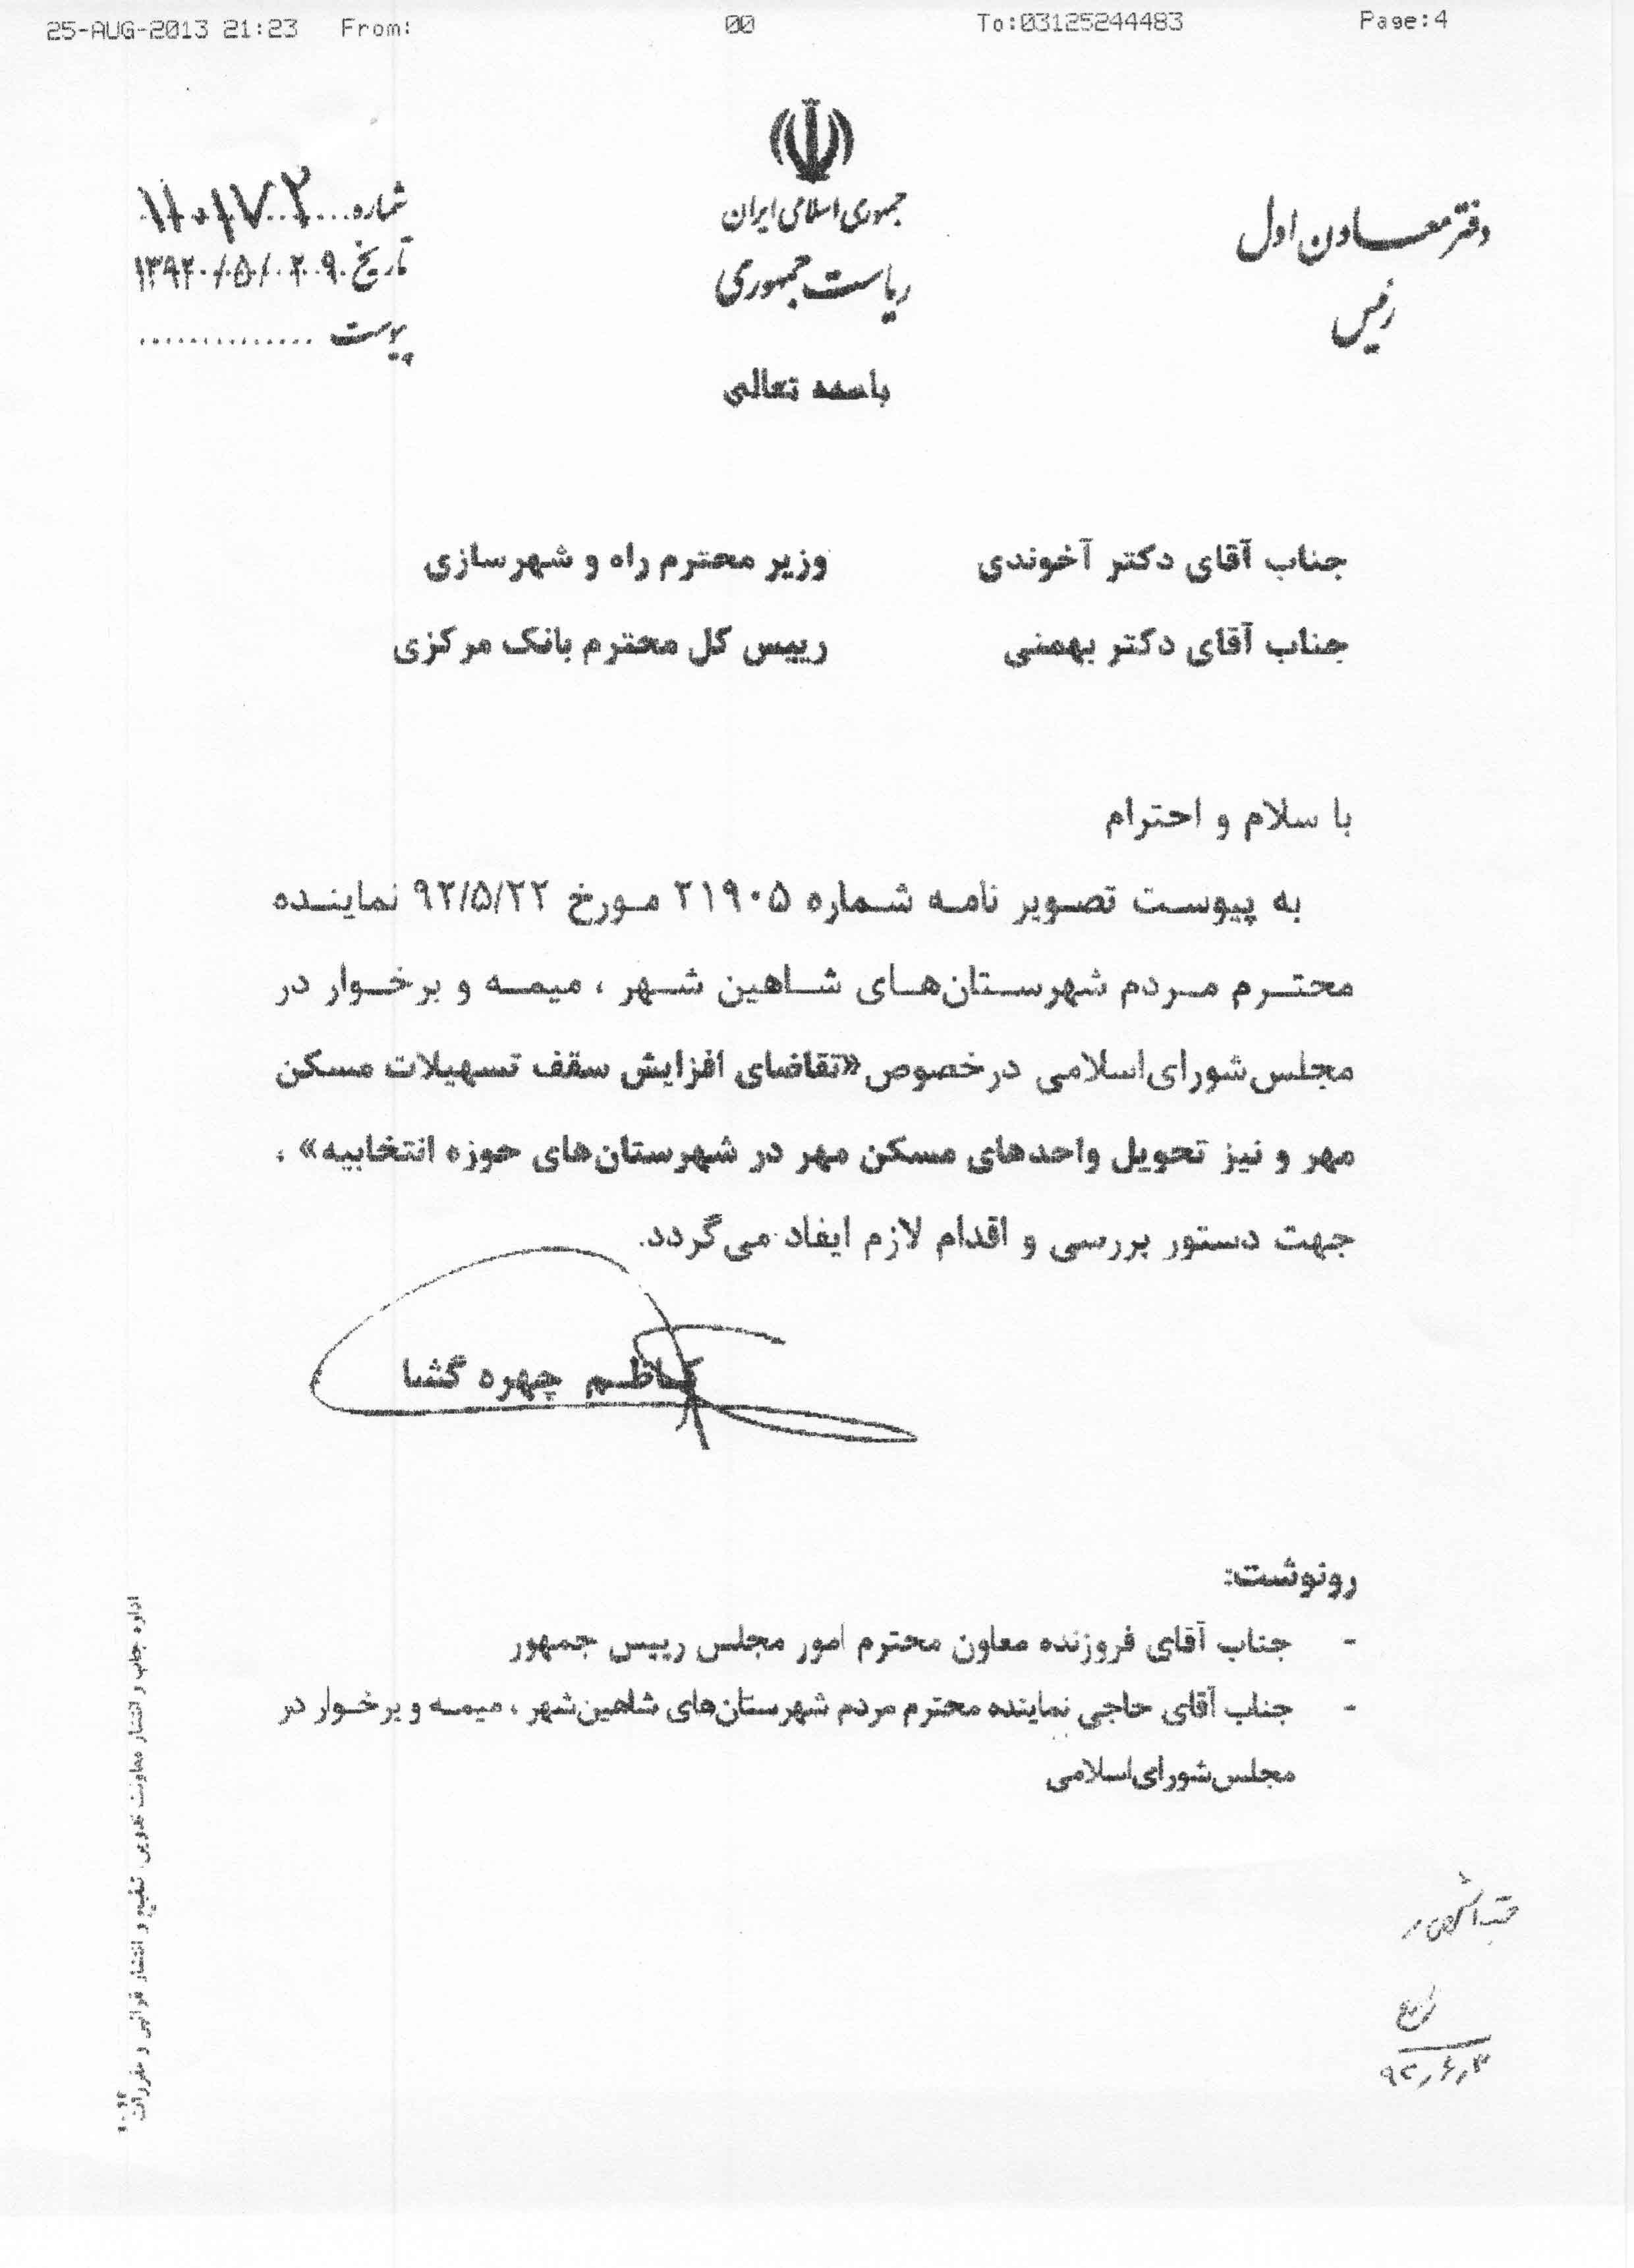 مکاتبه آقای حاجی با معاون اول محترم رئیس جمهور در خصوص مسکن مهر + سند